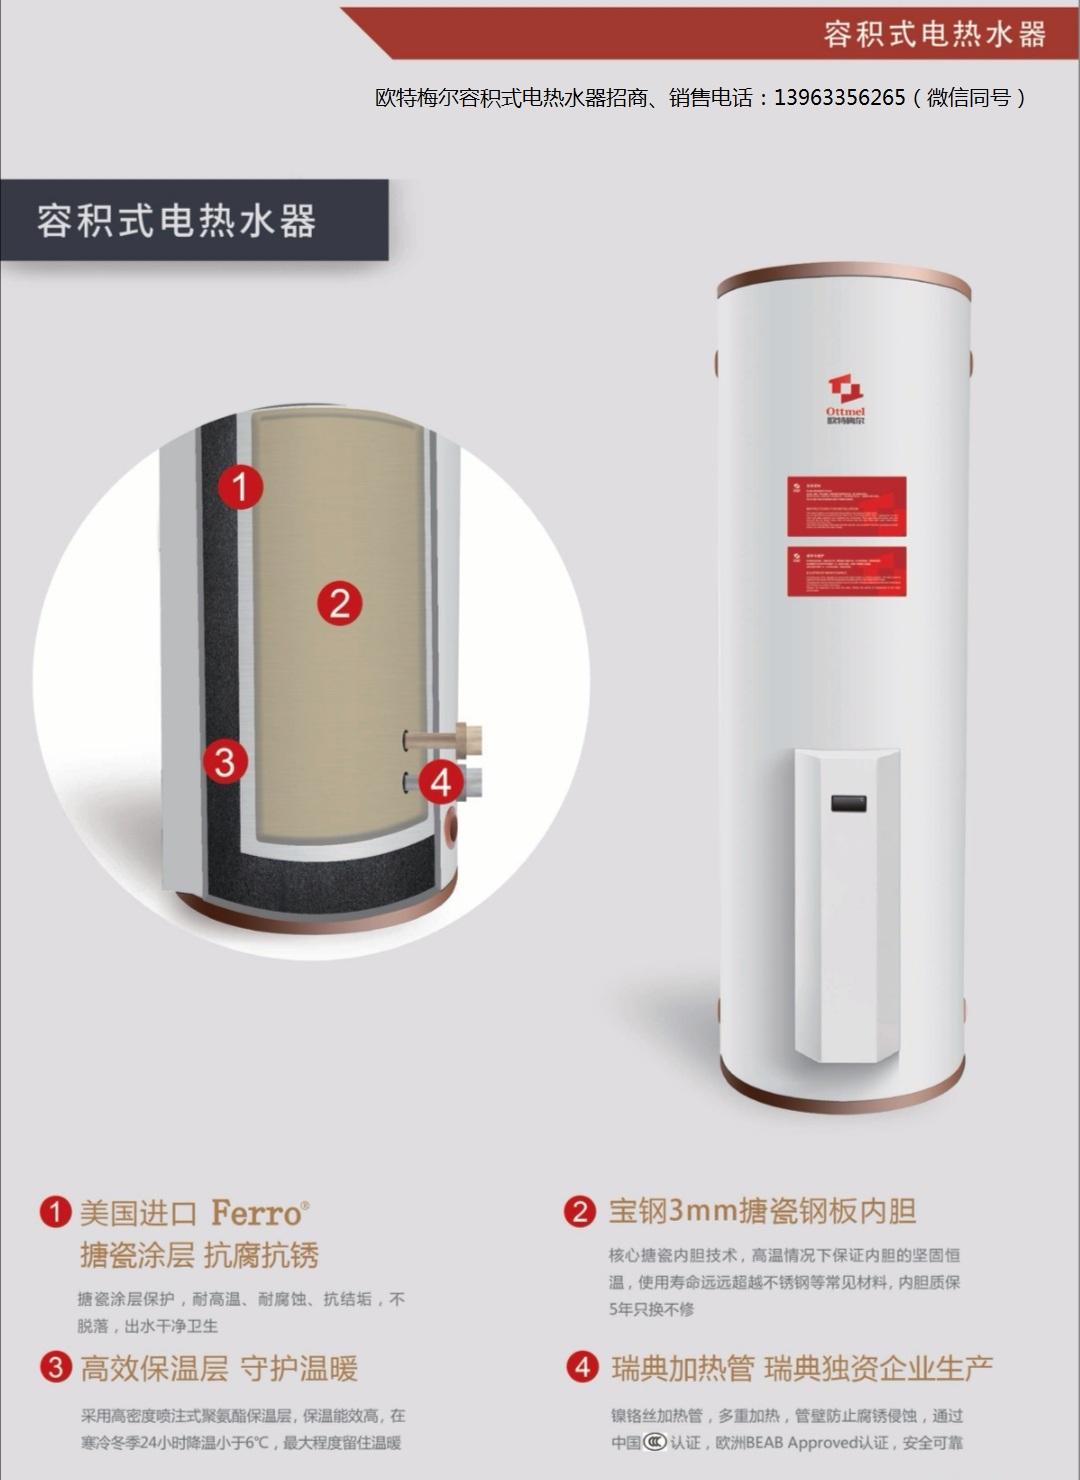 山南隆子28.8KW热水器多少钱